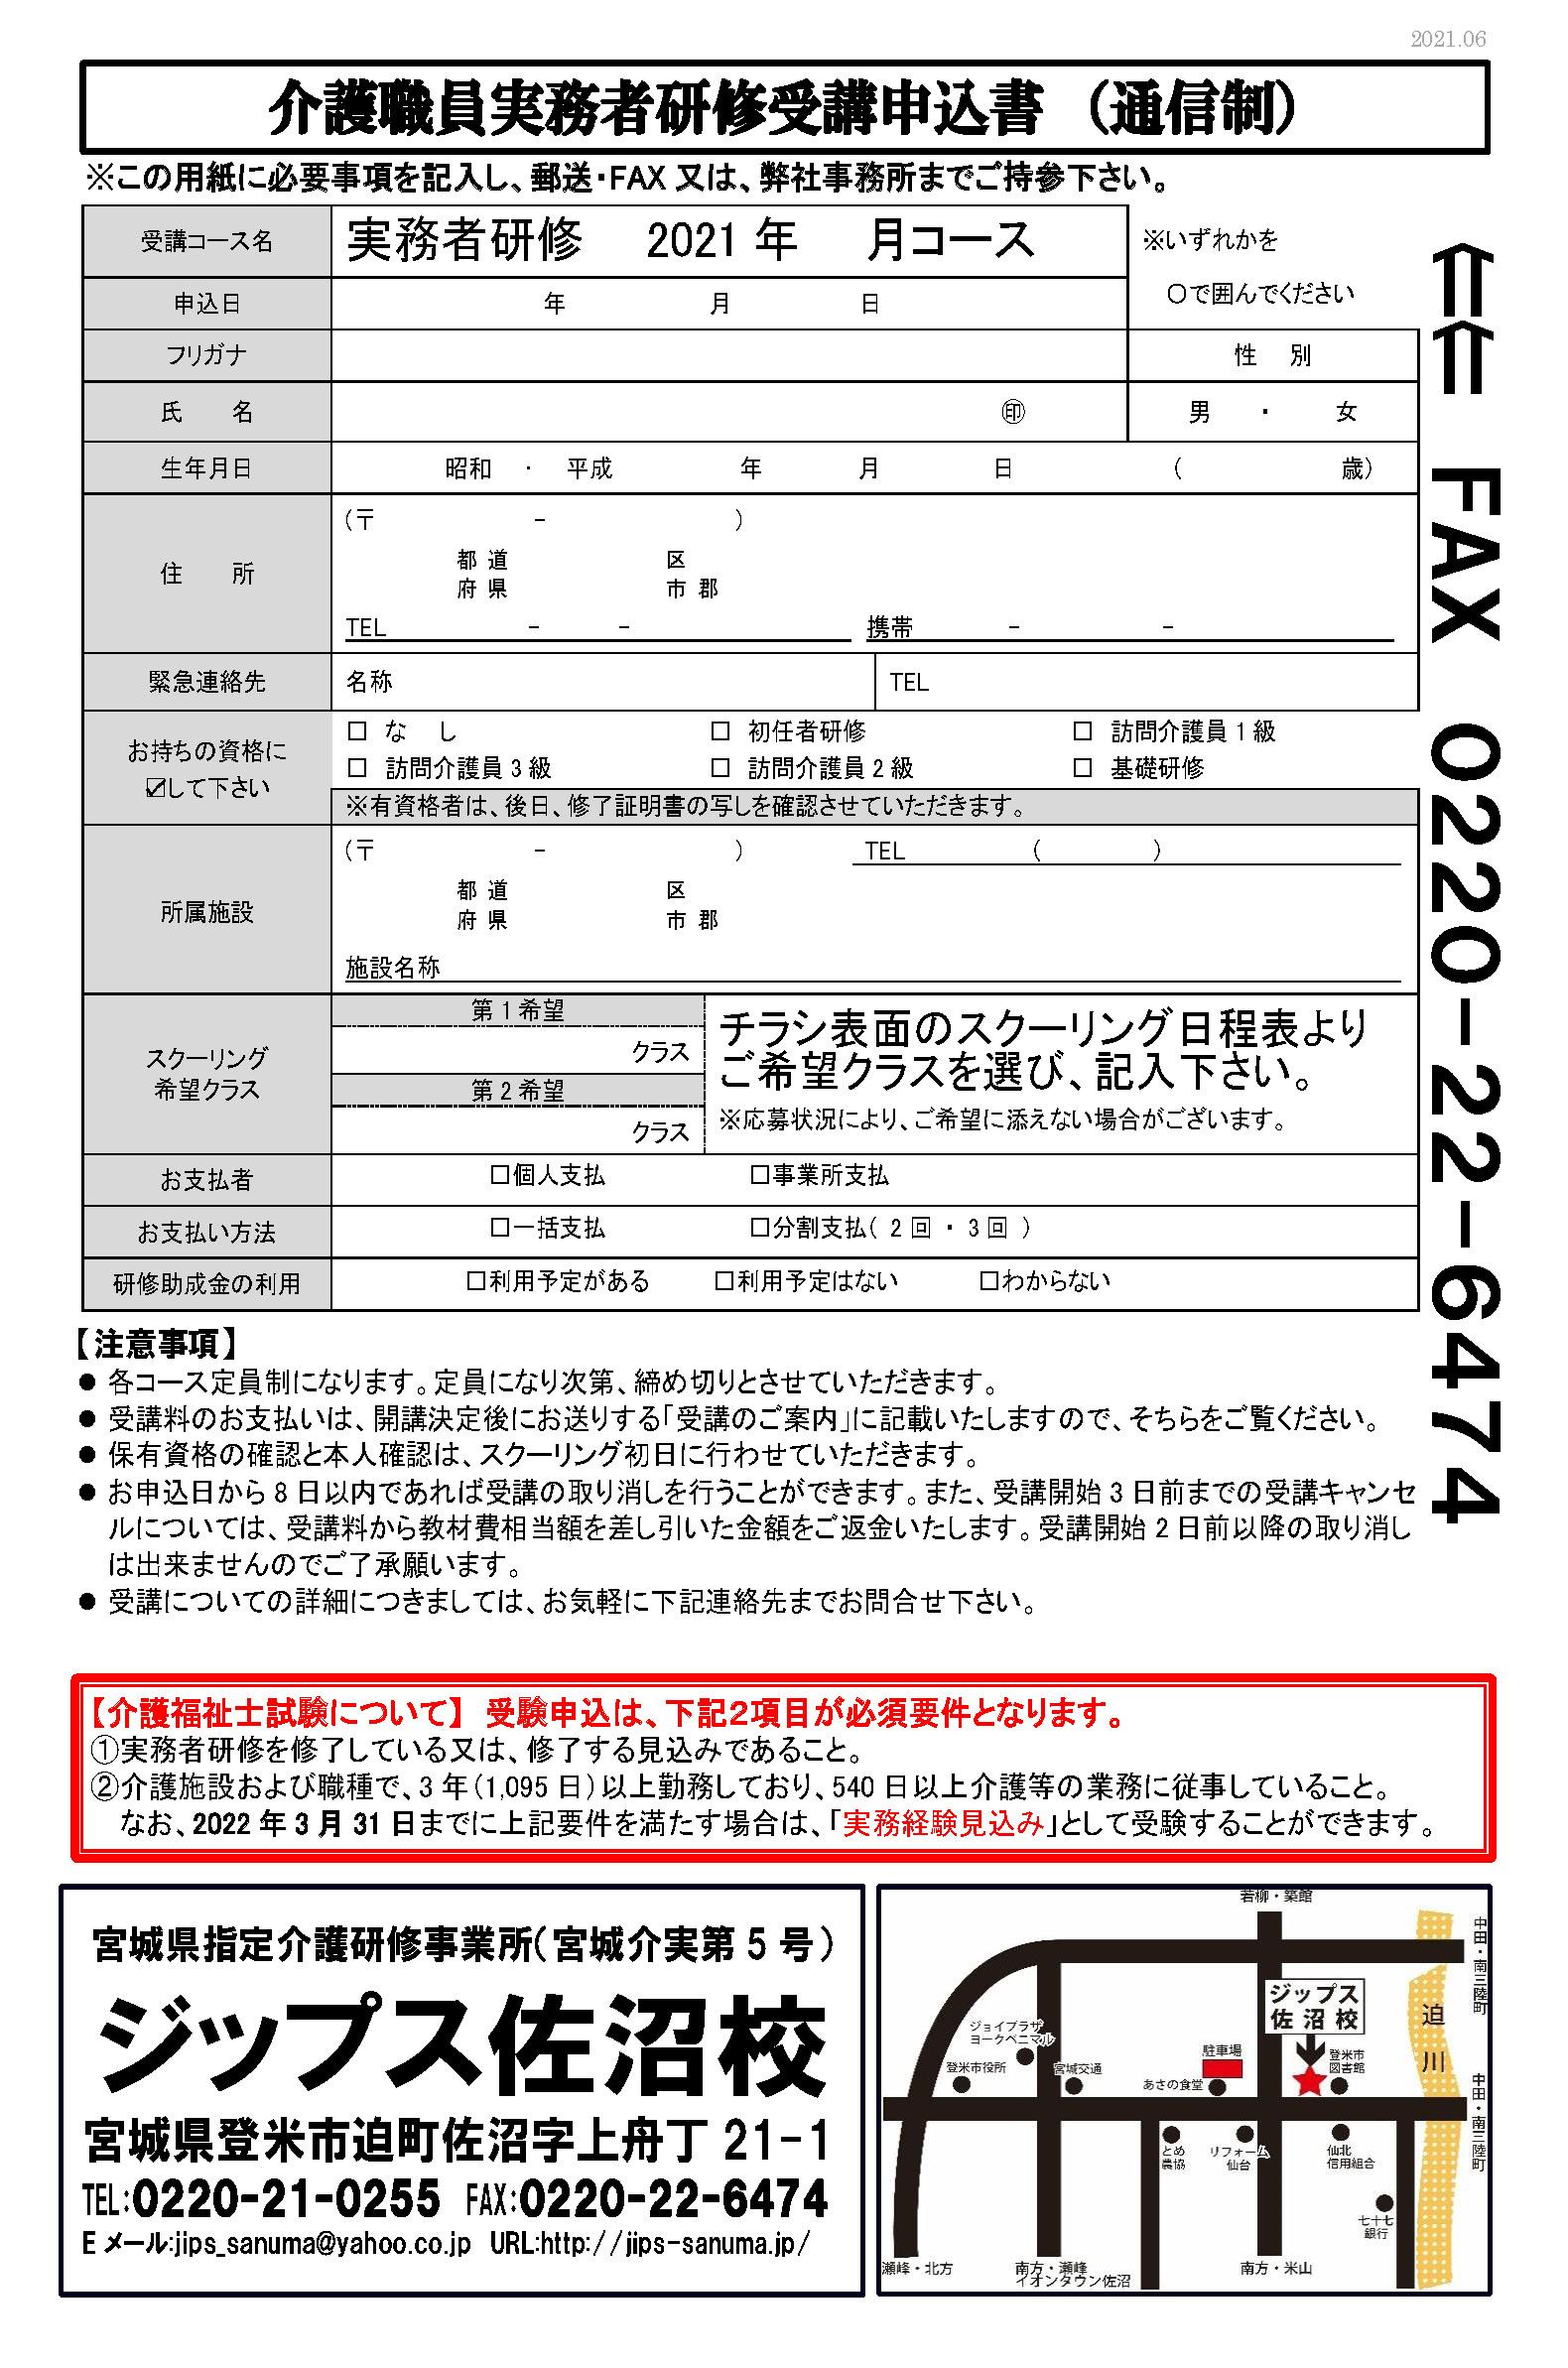 実務者募集チラシ2021年7-8月_ページ_2